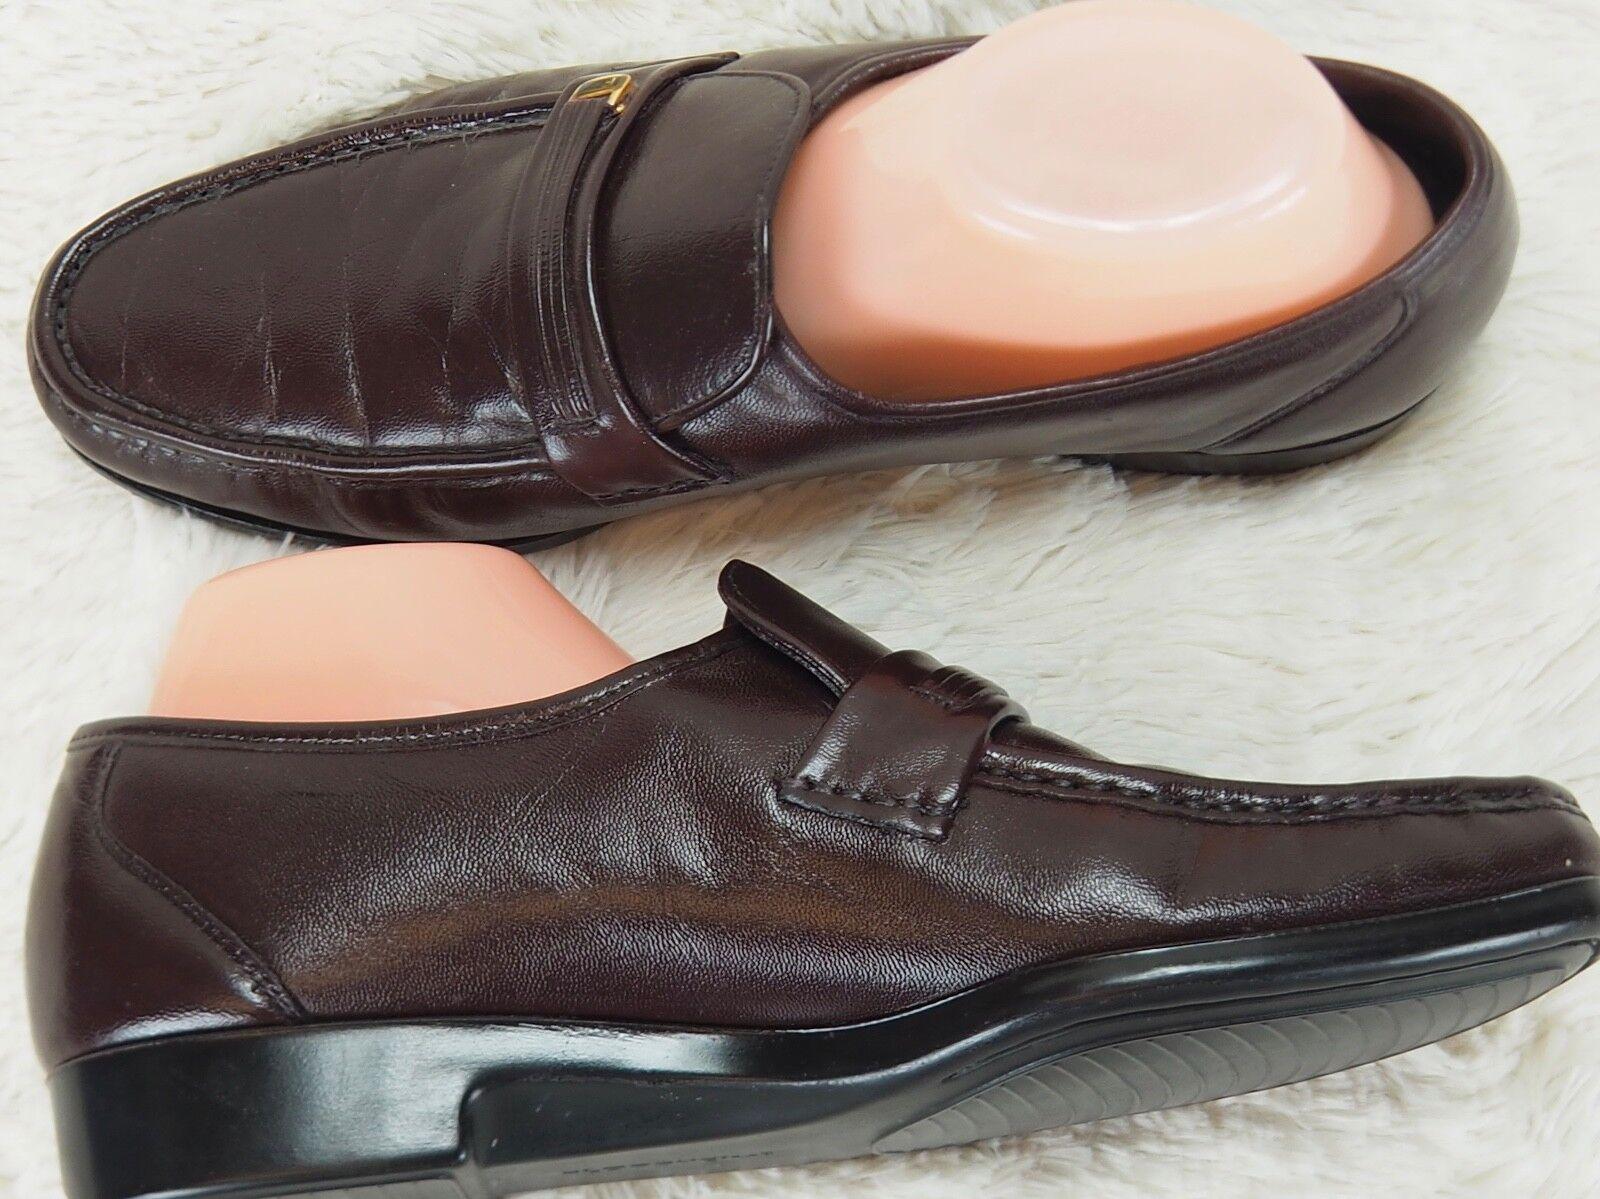 Florsheim Hebilla Mocasín de vestir Zapatos-Rojo sangre sangre sangre cuero-Hombre D/M ae7f19